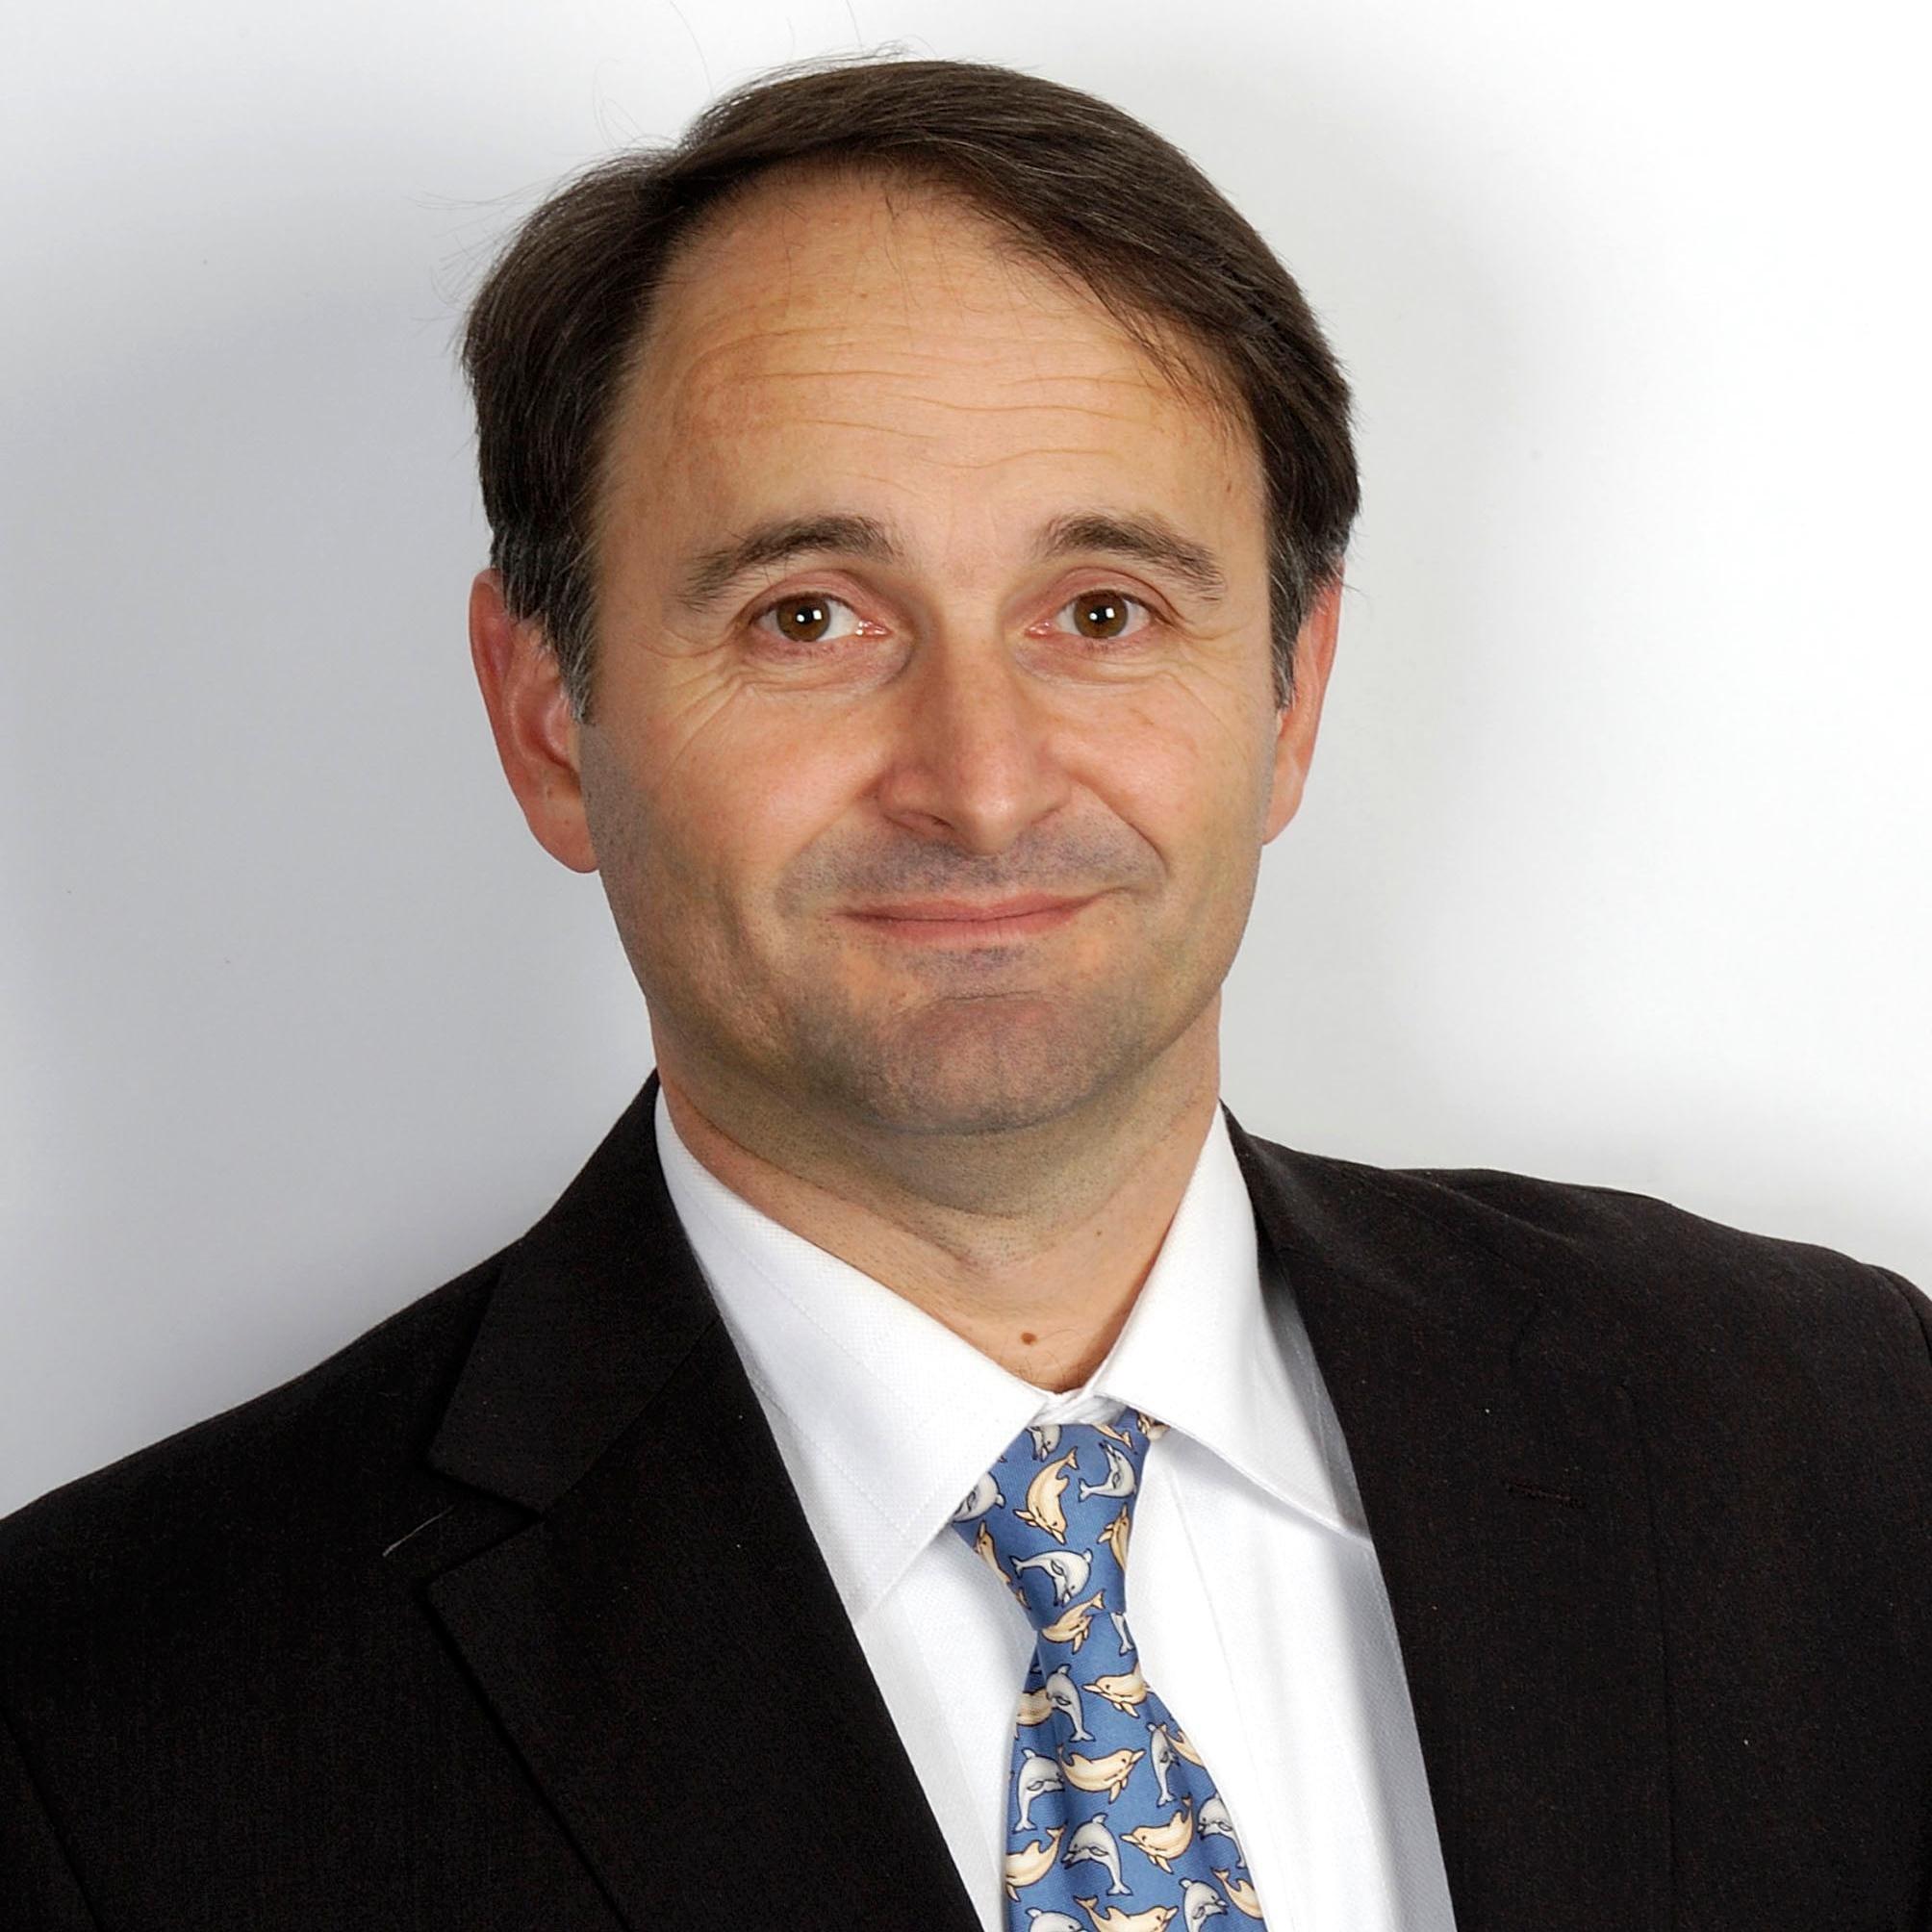 Peter Pontikis